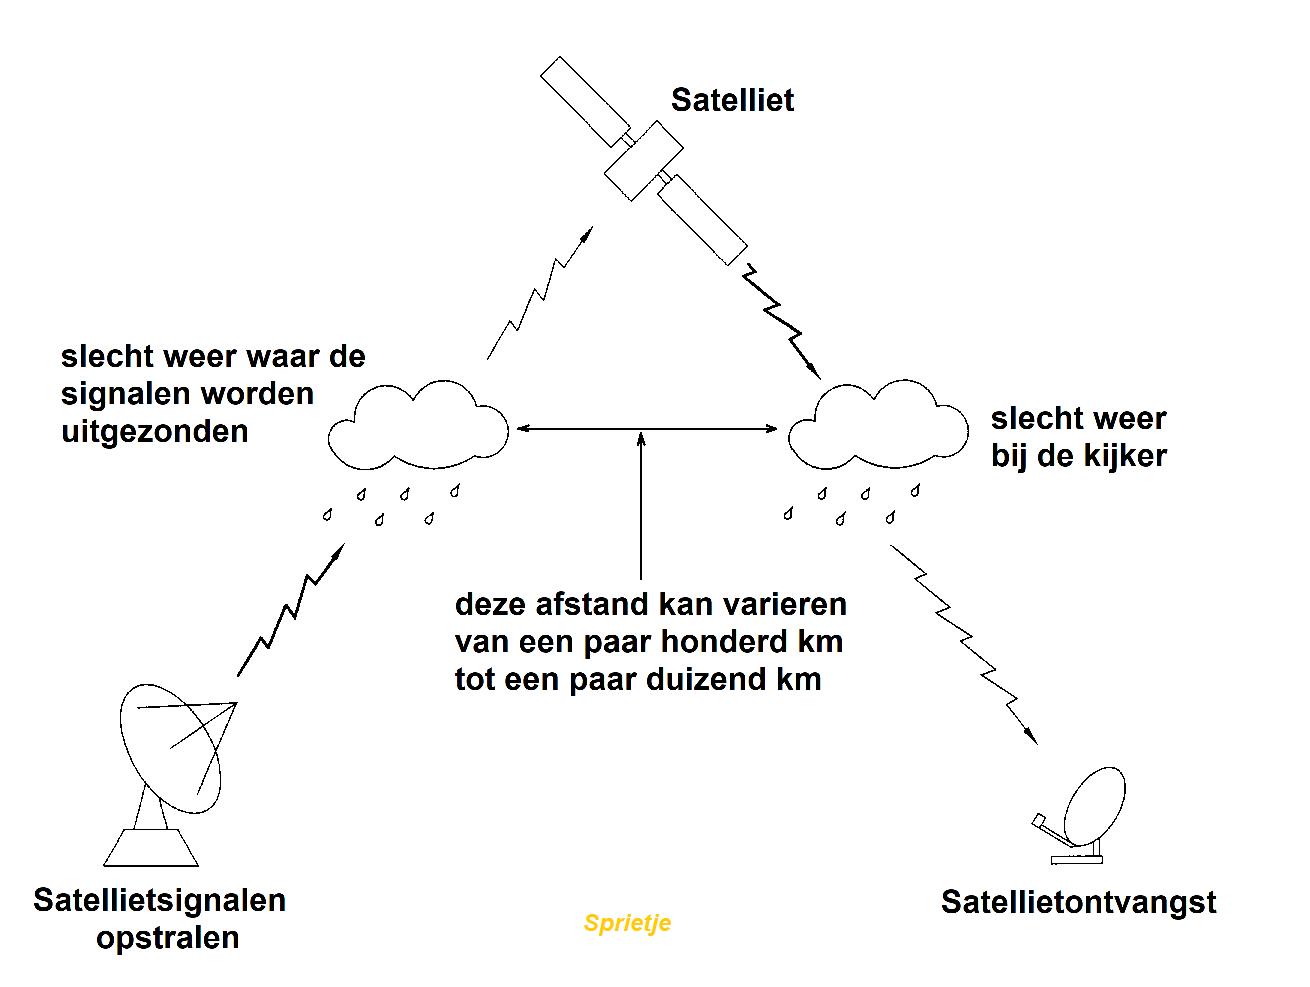 satellietontvangst verstoord.png